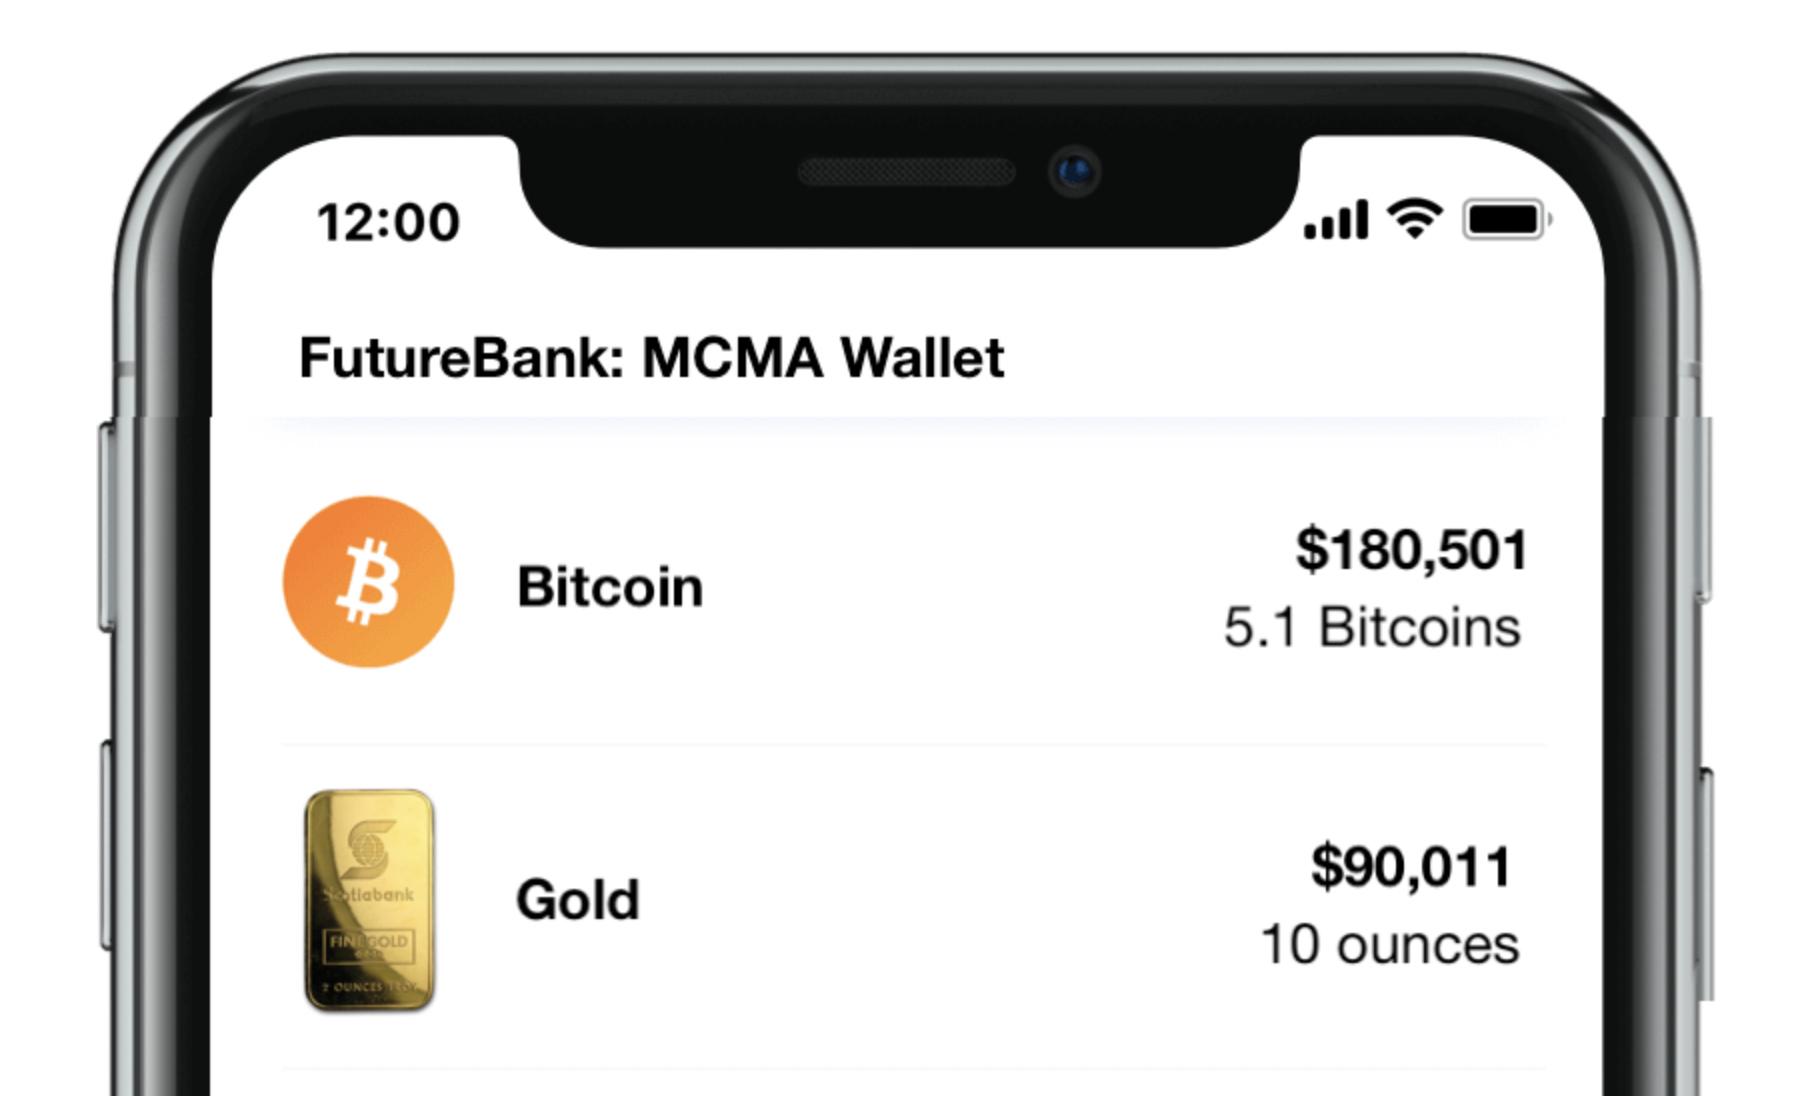 MCMA wallet